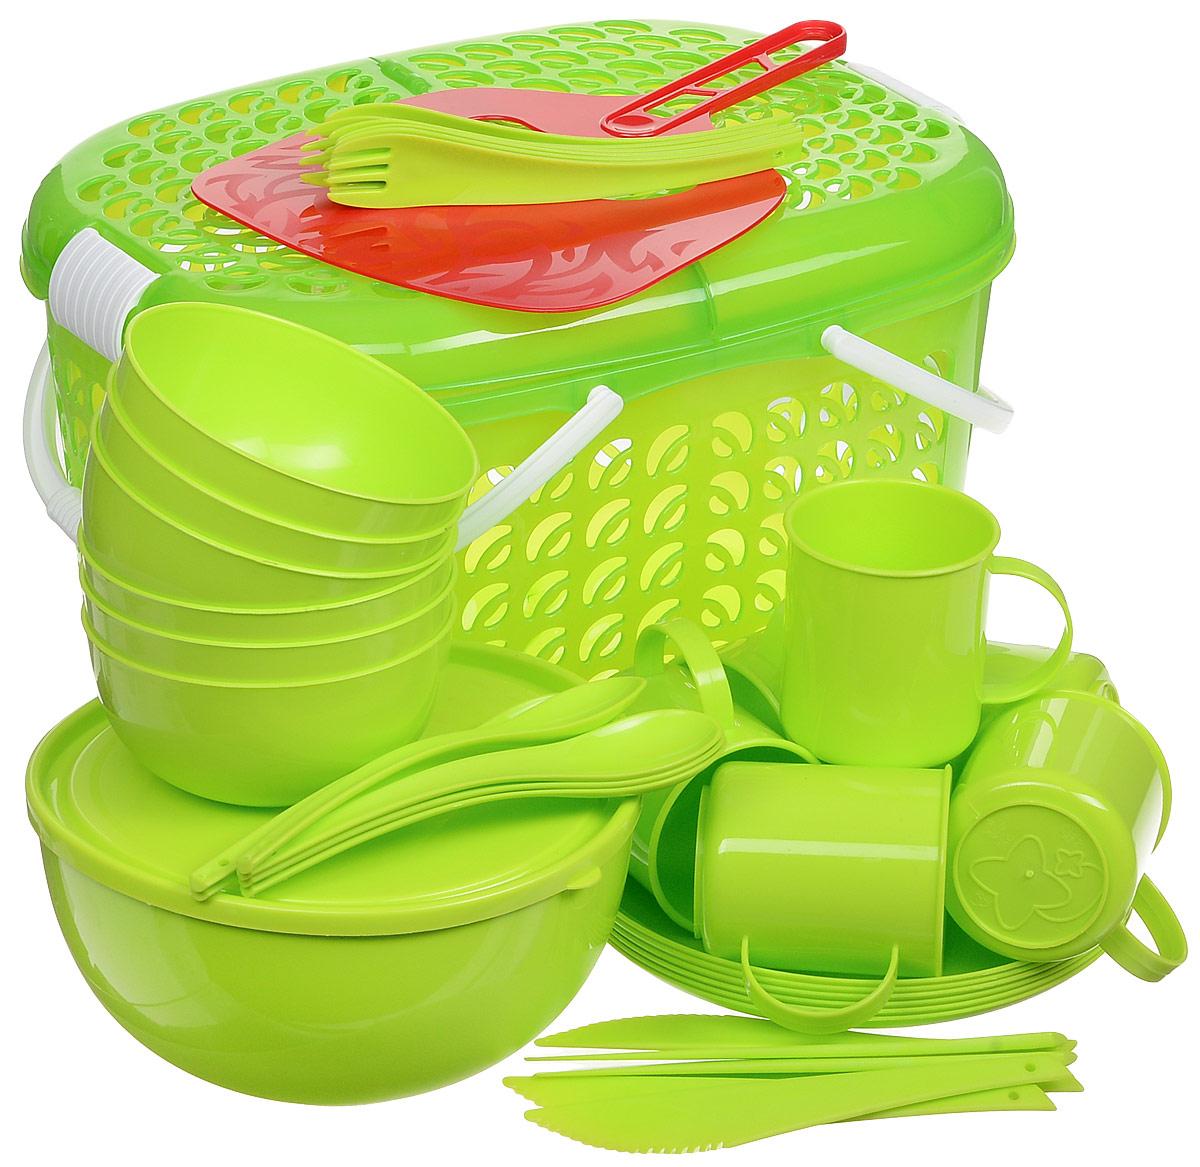 Набор для пикника Plastic Centre, цвет: светло-зеленый, на 6 персонПЦ1842ЛМНабор для пикника на 6 персон – это все, что нужно для организации загородной поездки. Легкую посуду удобно взять с собой. Яркие цвета и привлекательный дизайн создадут уютную атмосферу и дополнят радостные моменты на природе. Прочный пластик подходит для многократного использования. Корзина-переноска позволит вместить не только сам набор, но и еду для пикника. Комплектация: корзина-переноска, 1 большая миска, 6 маленьких мисок, 6 тарелок, 6 кружек, столовые приборы.